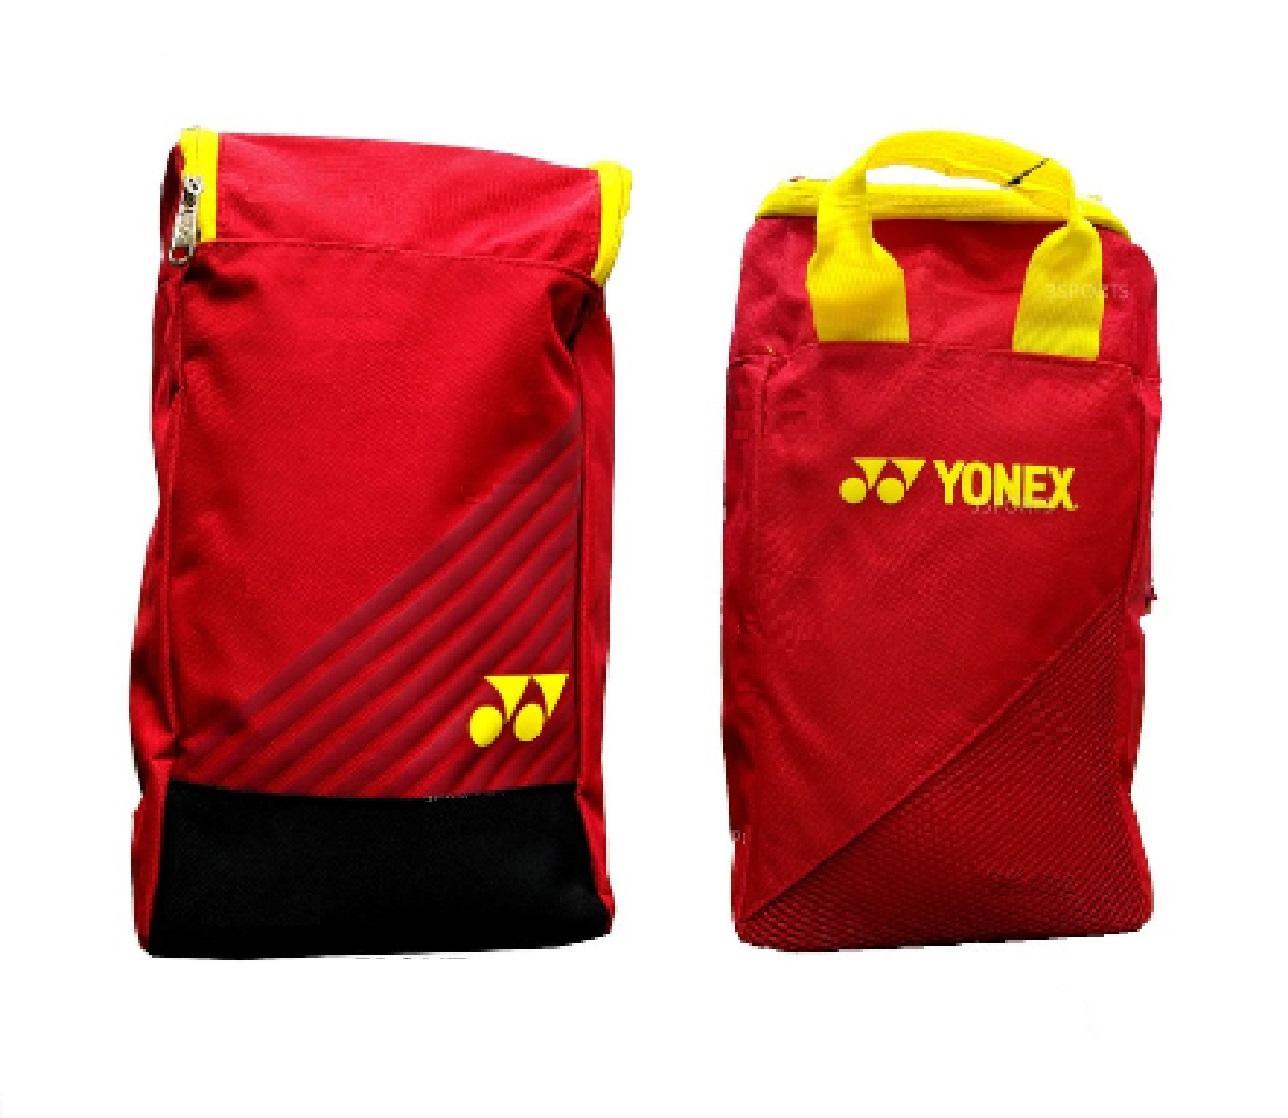 Yonex Shoe Bag Asb01l-S Red Yellow By Yonex Official Store